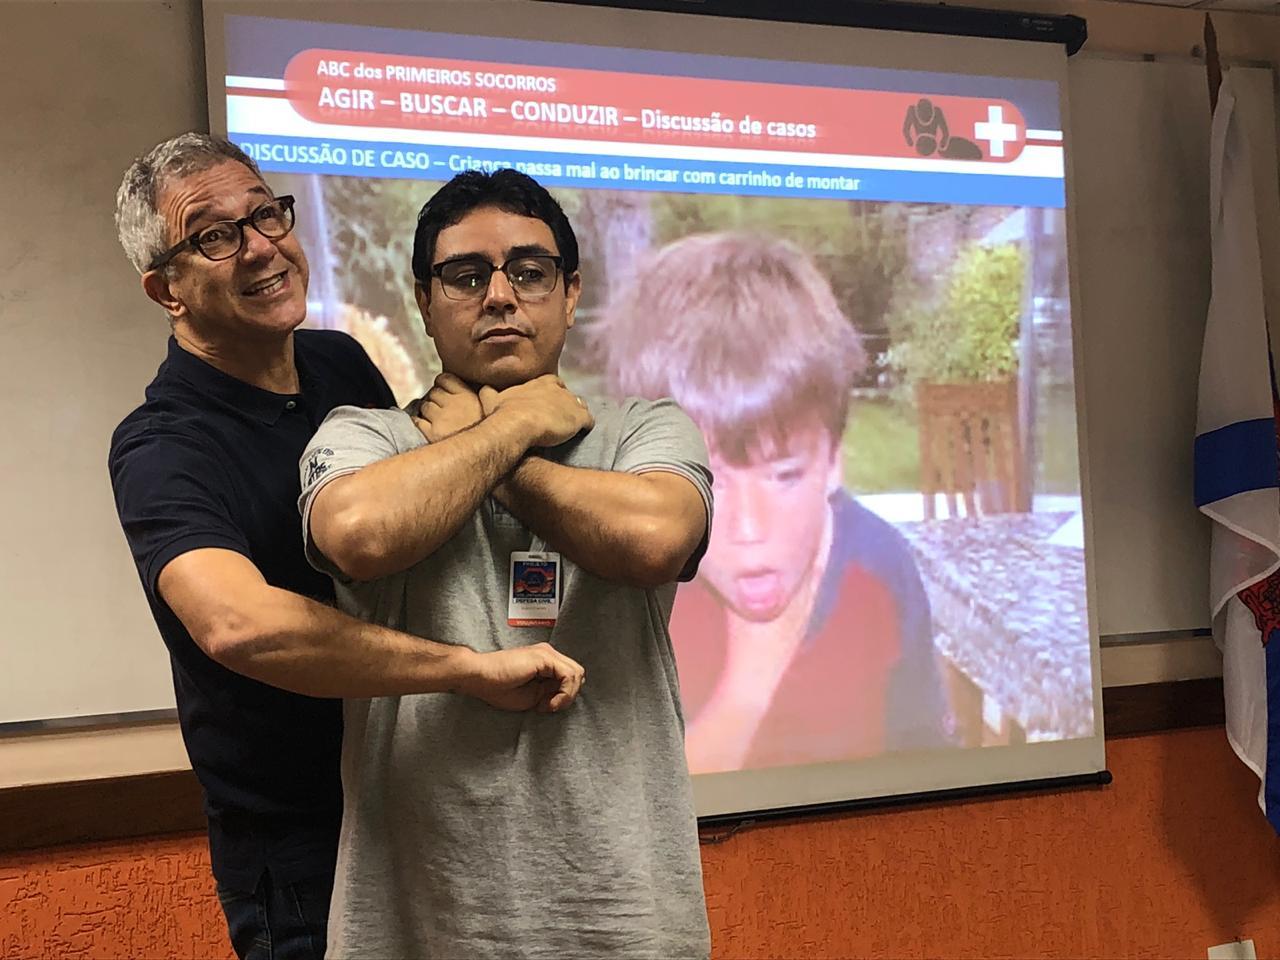 Instrutor demonstra ação de primeiros socorros em aula para candidatos a voluntários da Defesa Civil. Foto: divulgação